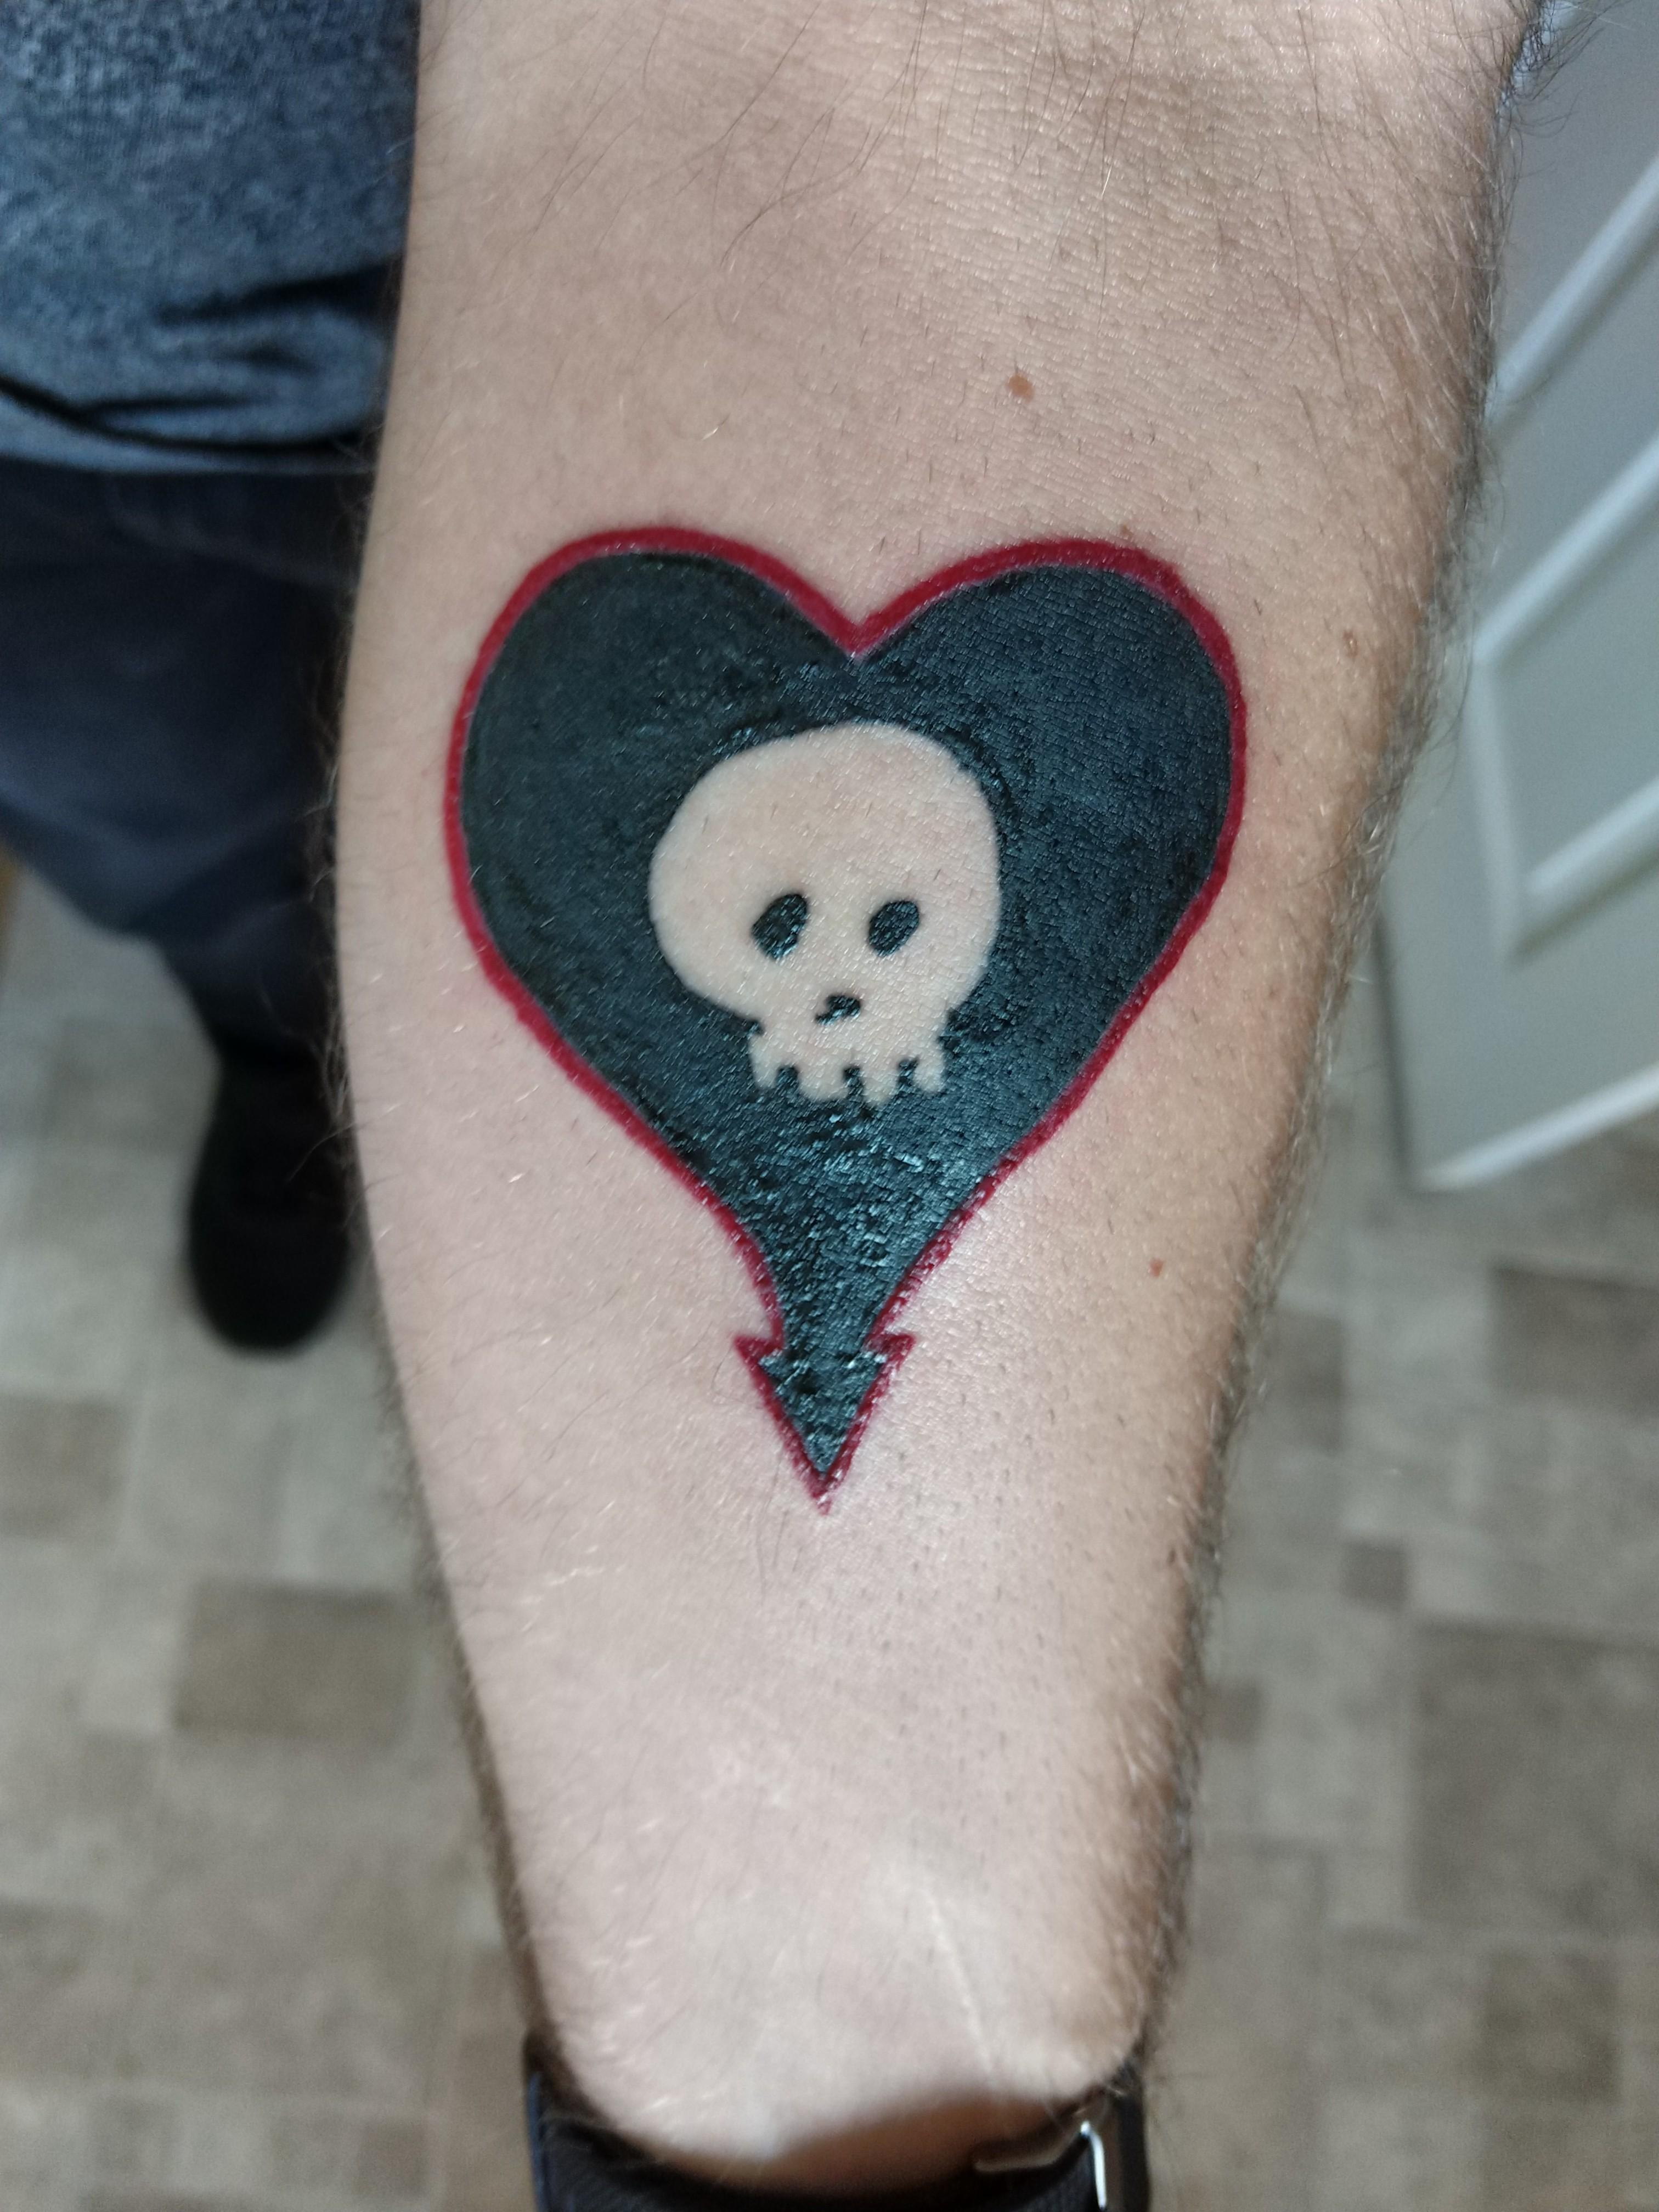 got my first tattoo